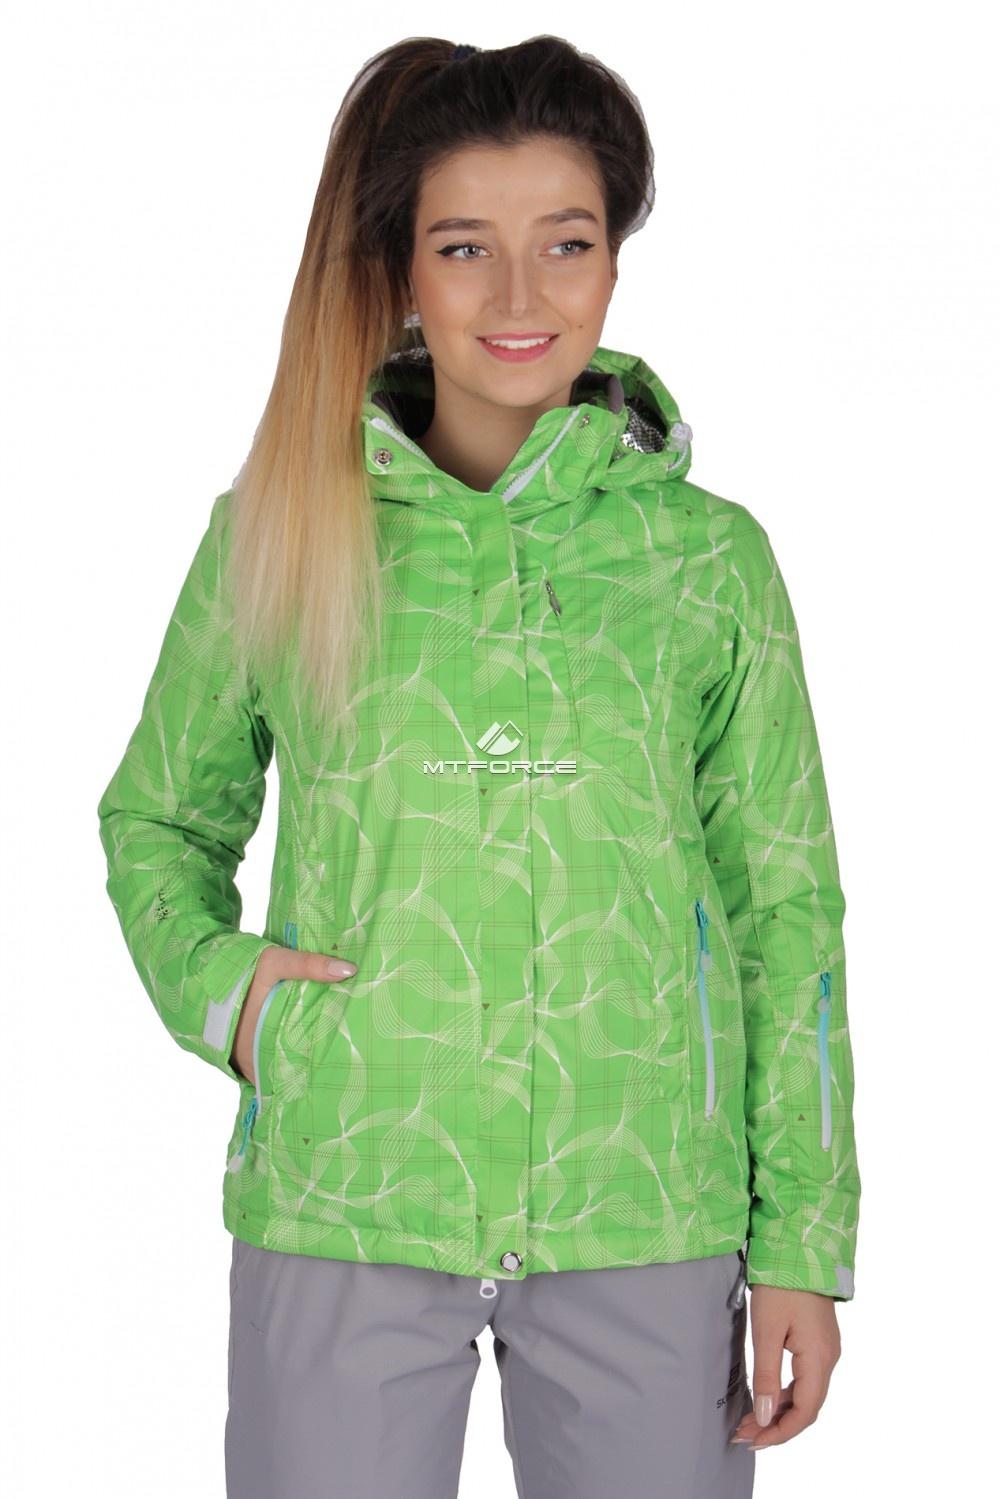 Купить                                  оптом Куртка спортивная женская демисезонная салатового цвета 1710Sl